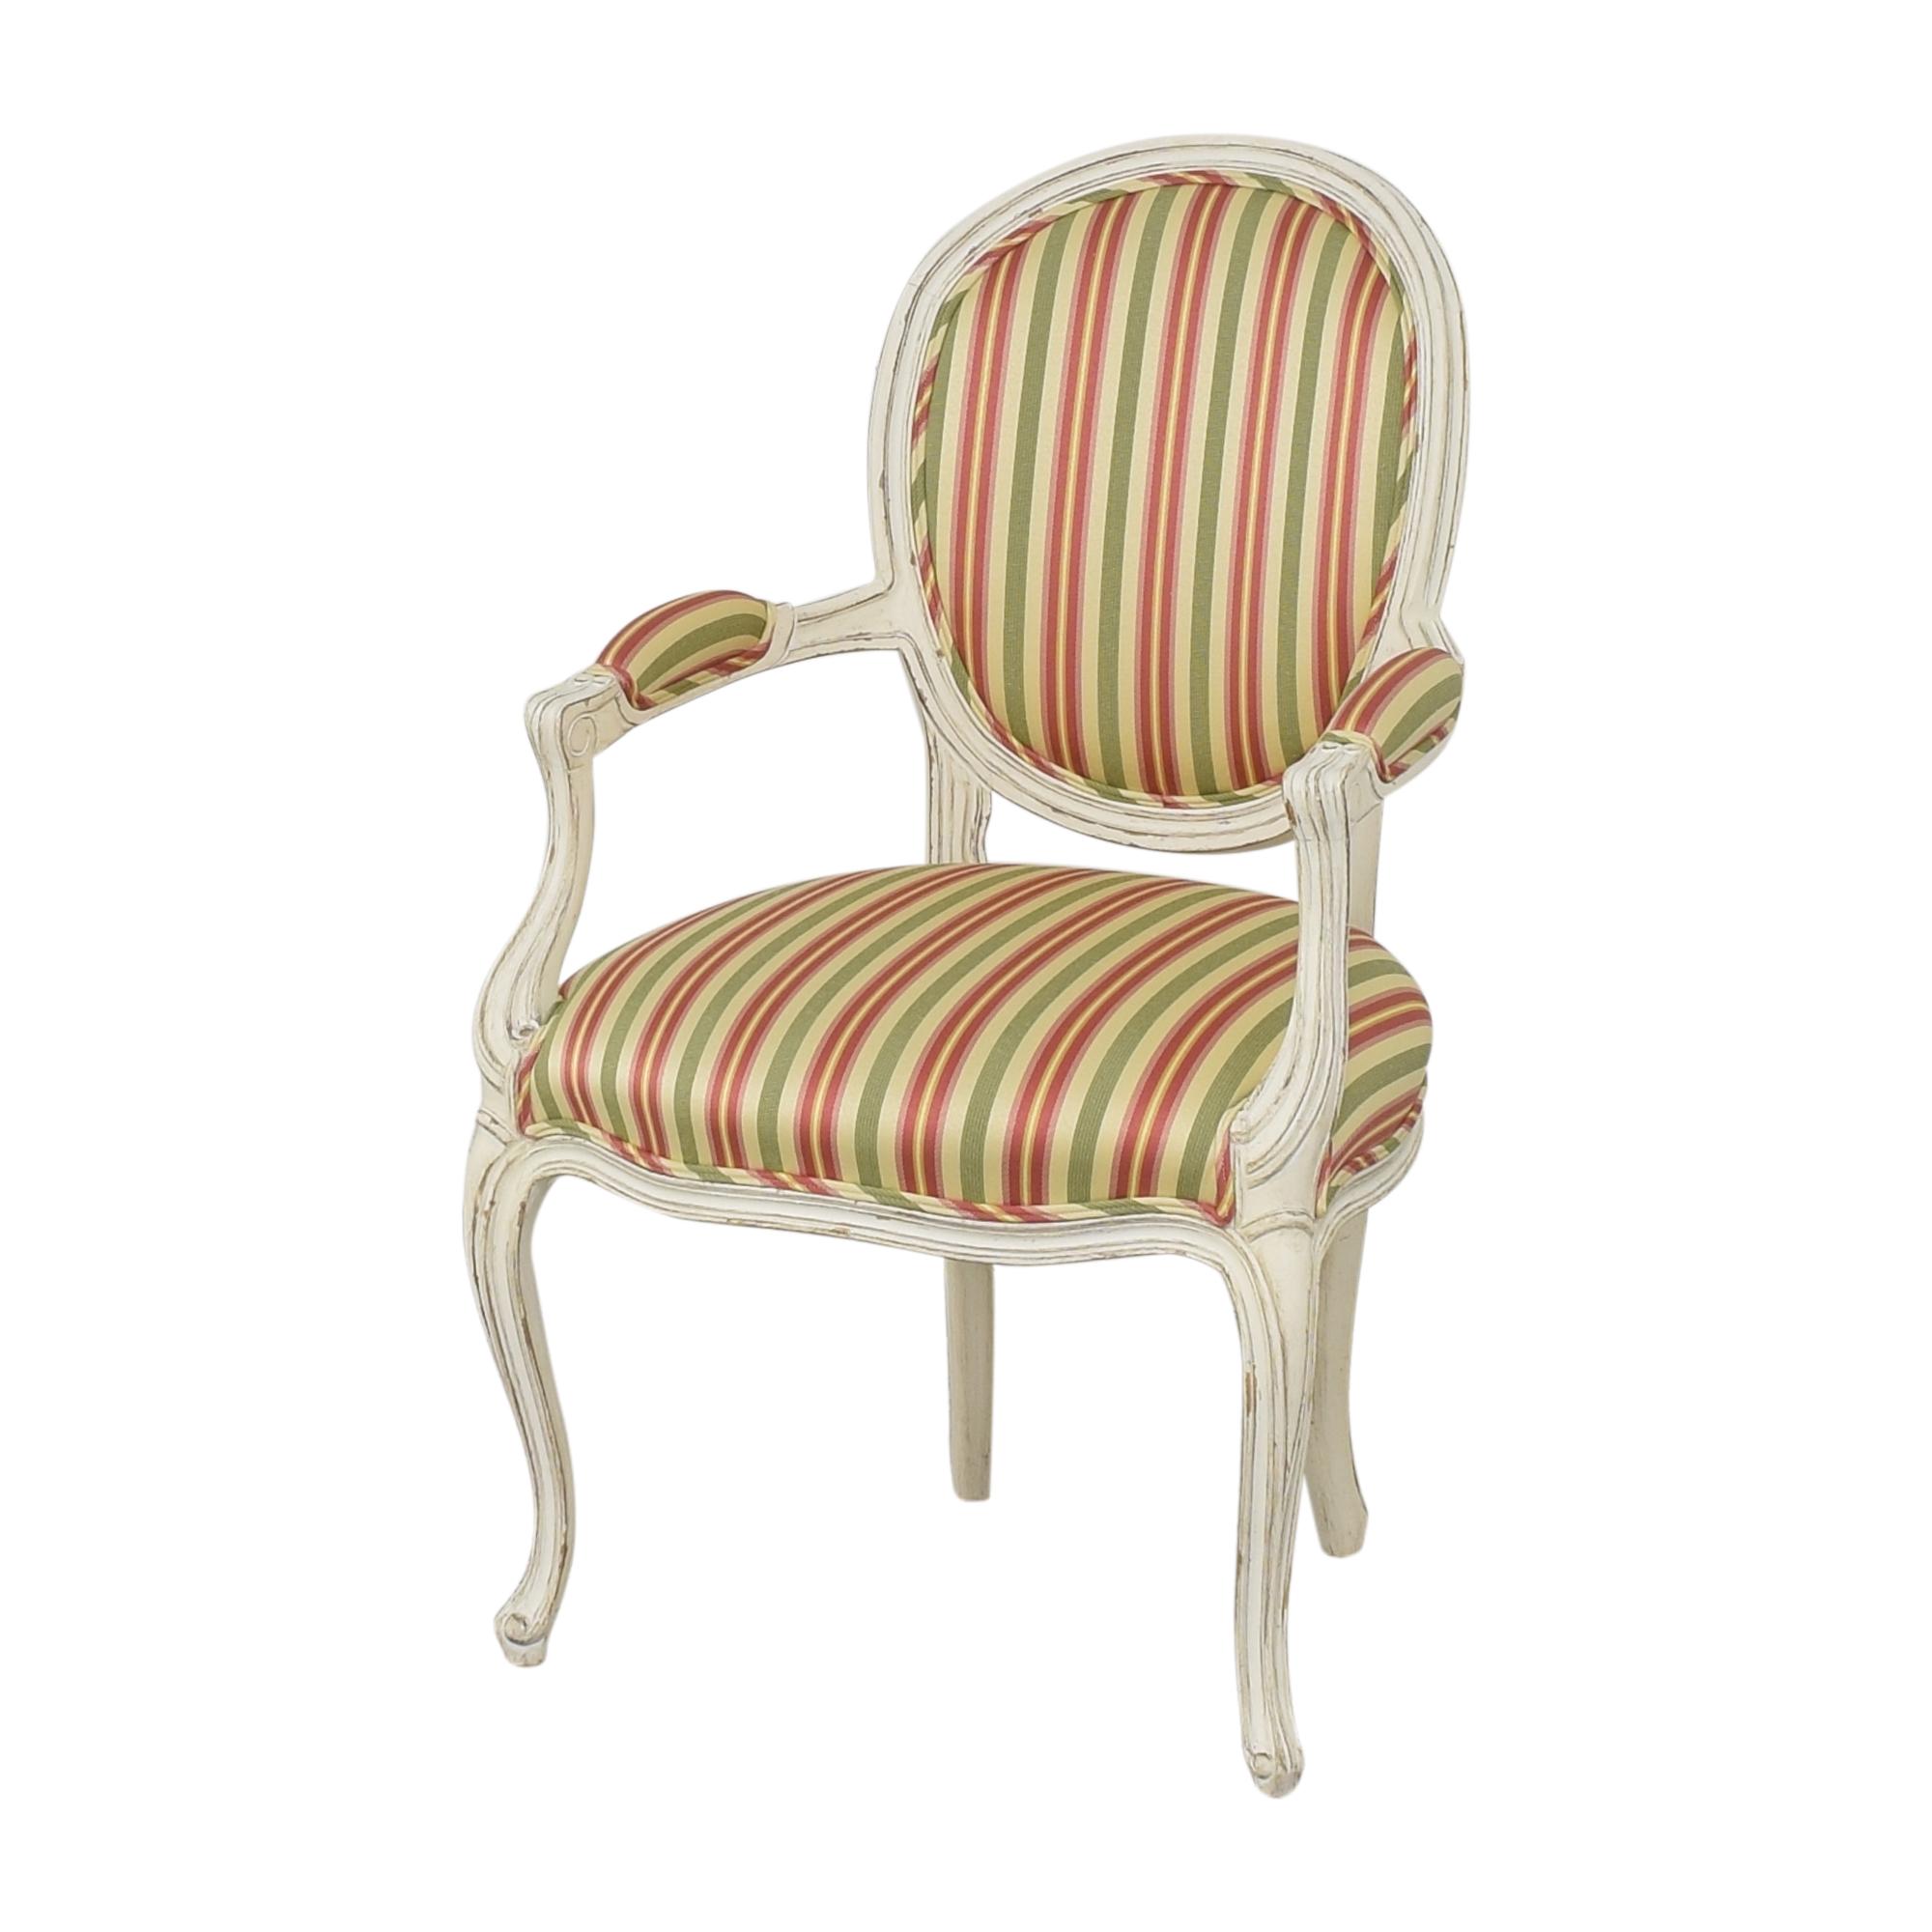 Pearson Pearson Queen Anne Striped Chair nyc